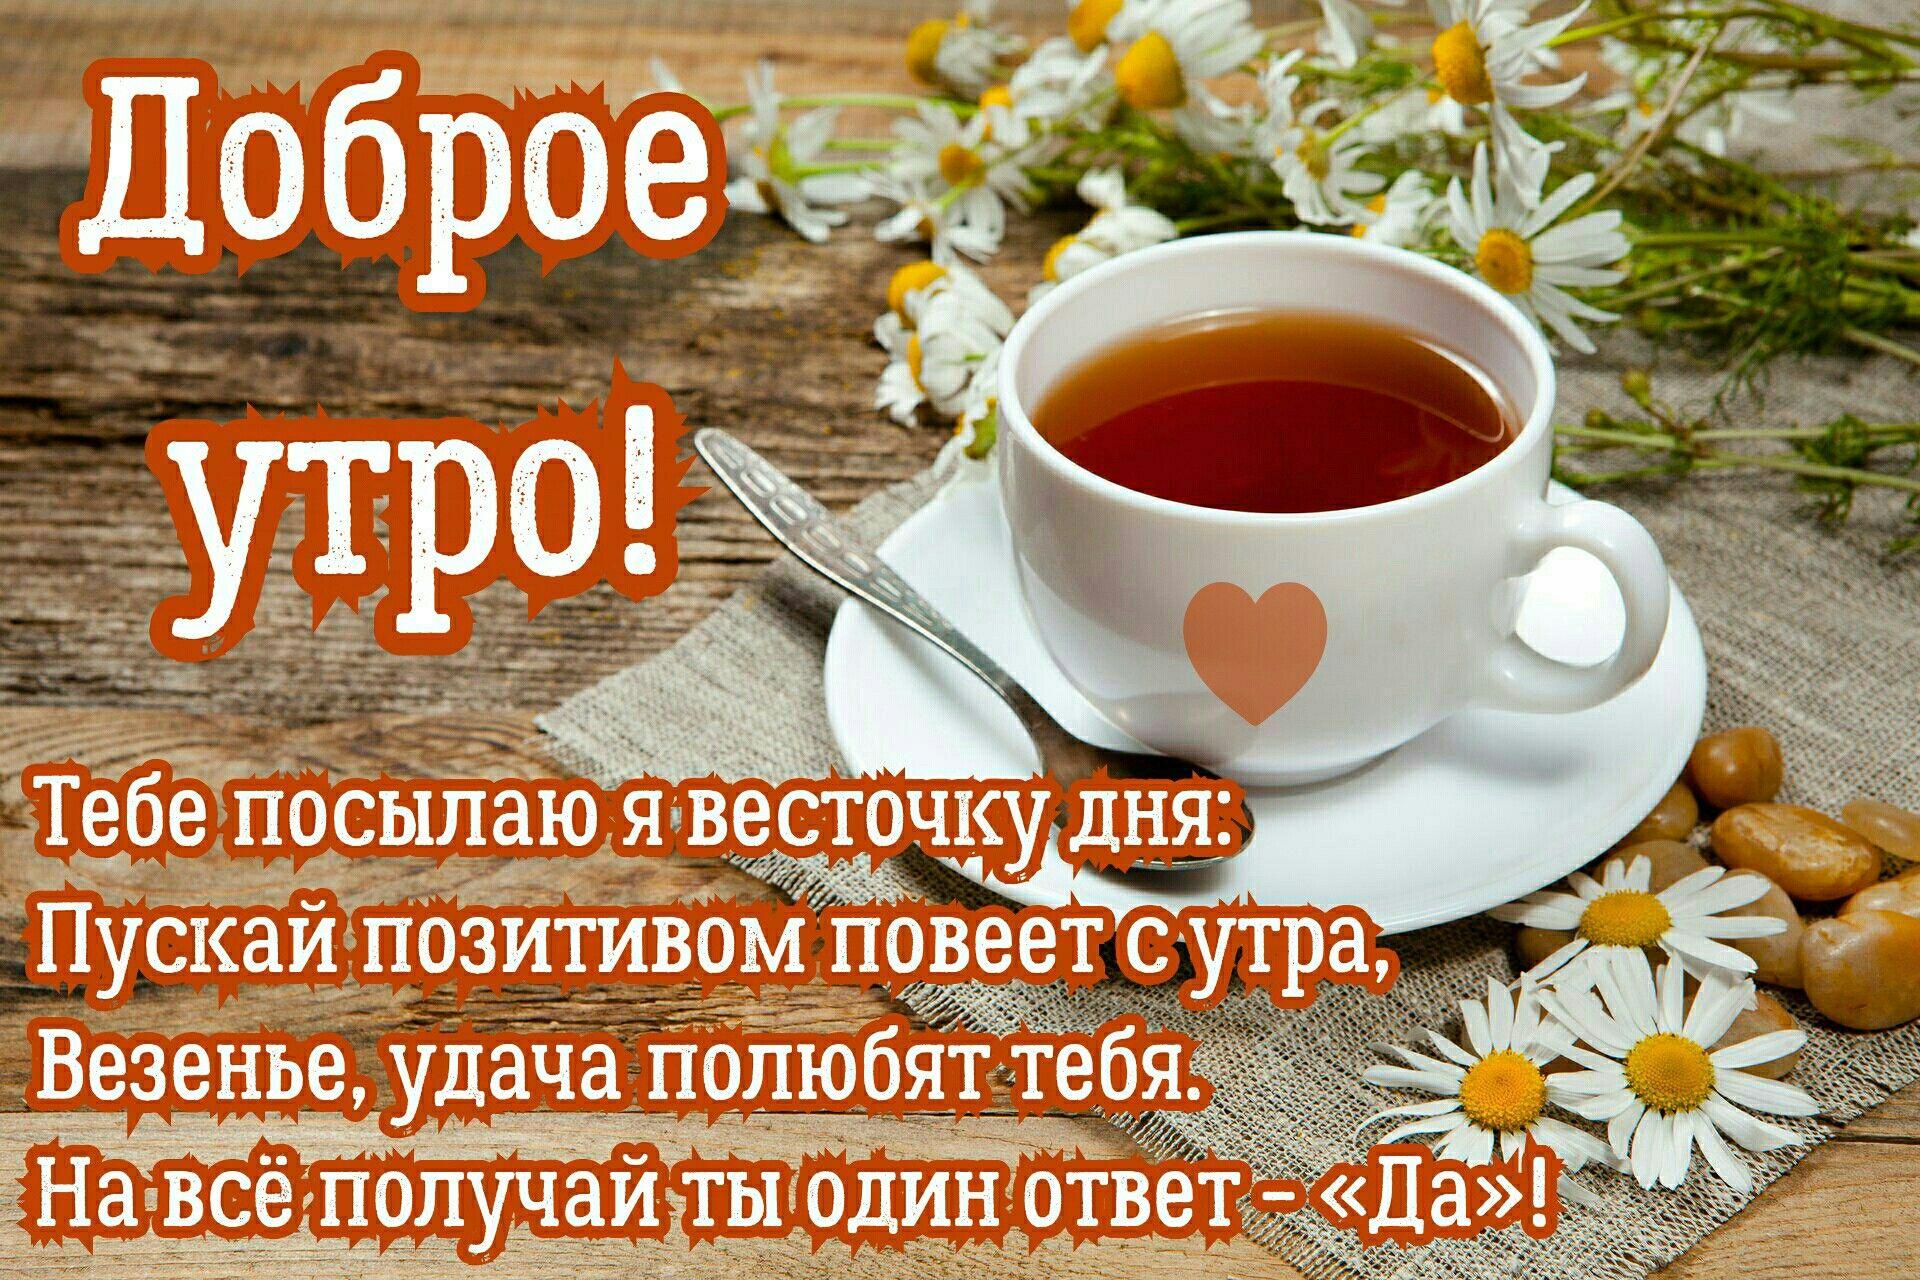 """Доброе утро!Тебе посылаю я весточку дня: пускай позитивом повеет с утра, везенье, удача полюбят тебя.На все получай ты один ответ - """"Да""""."""